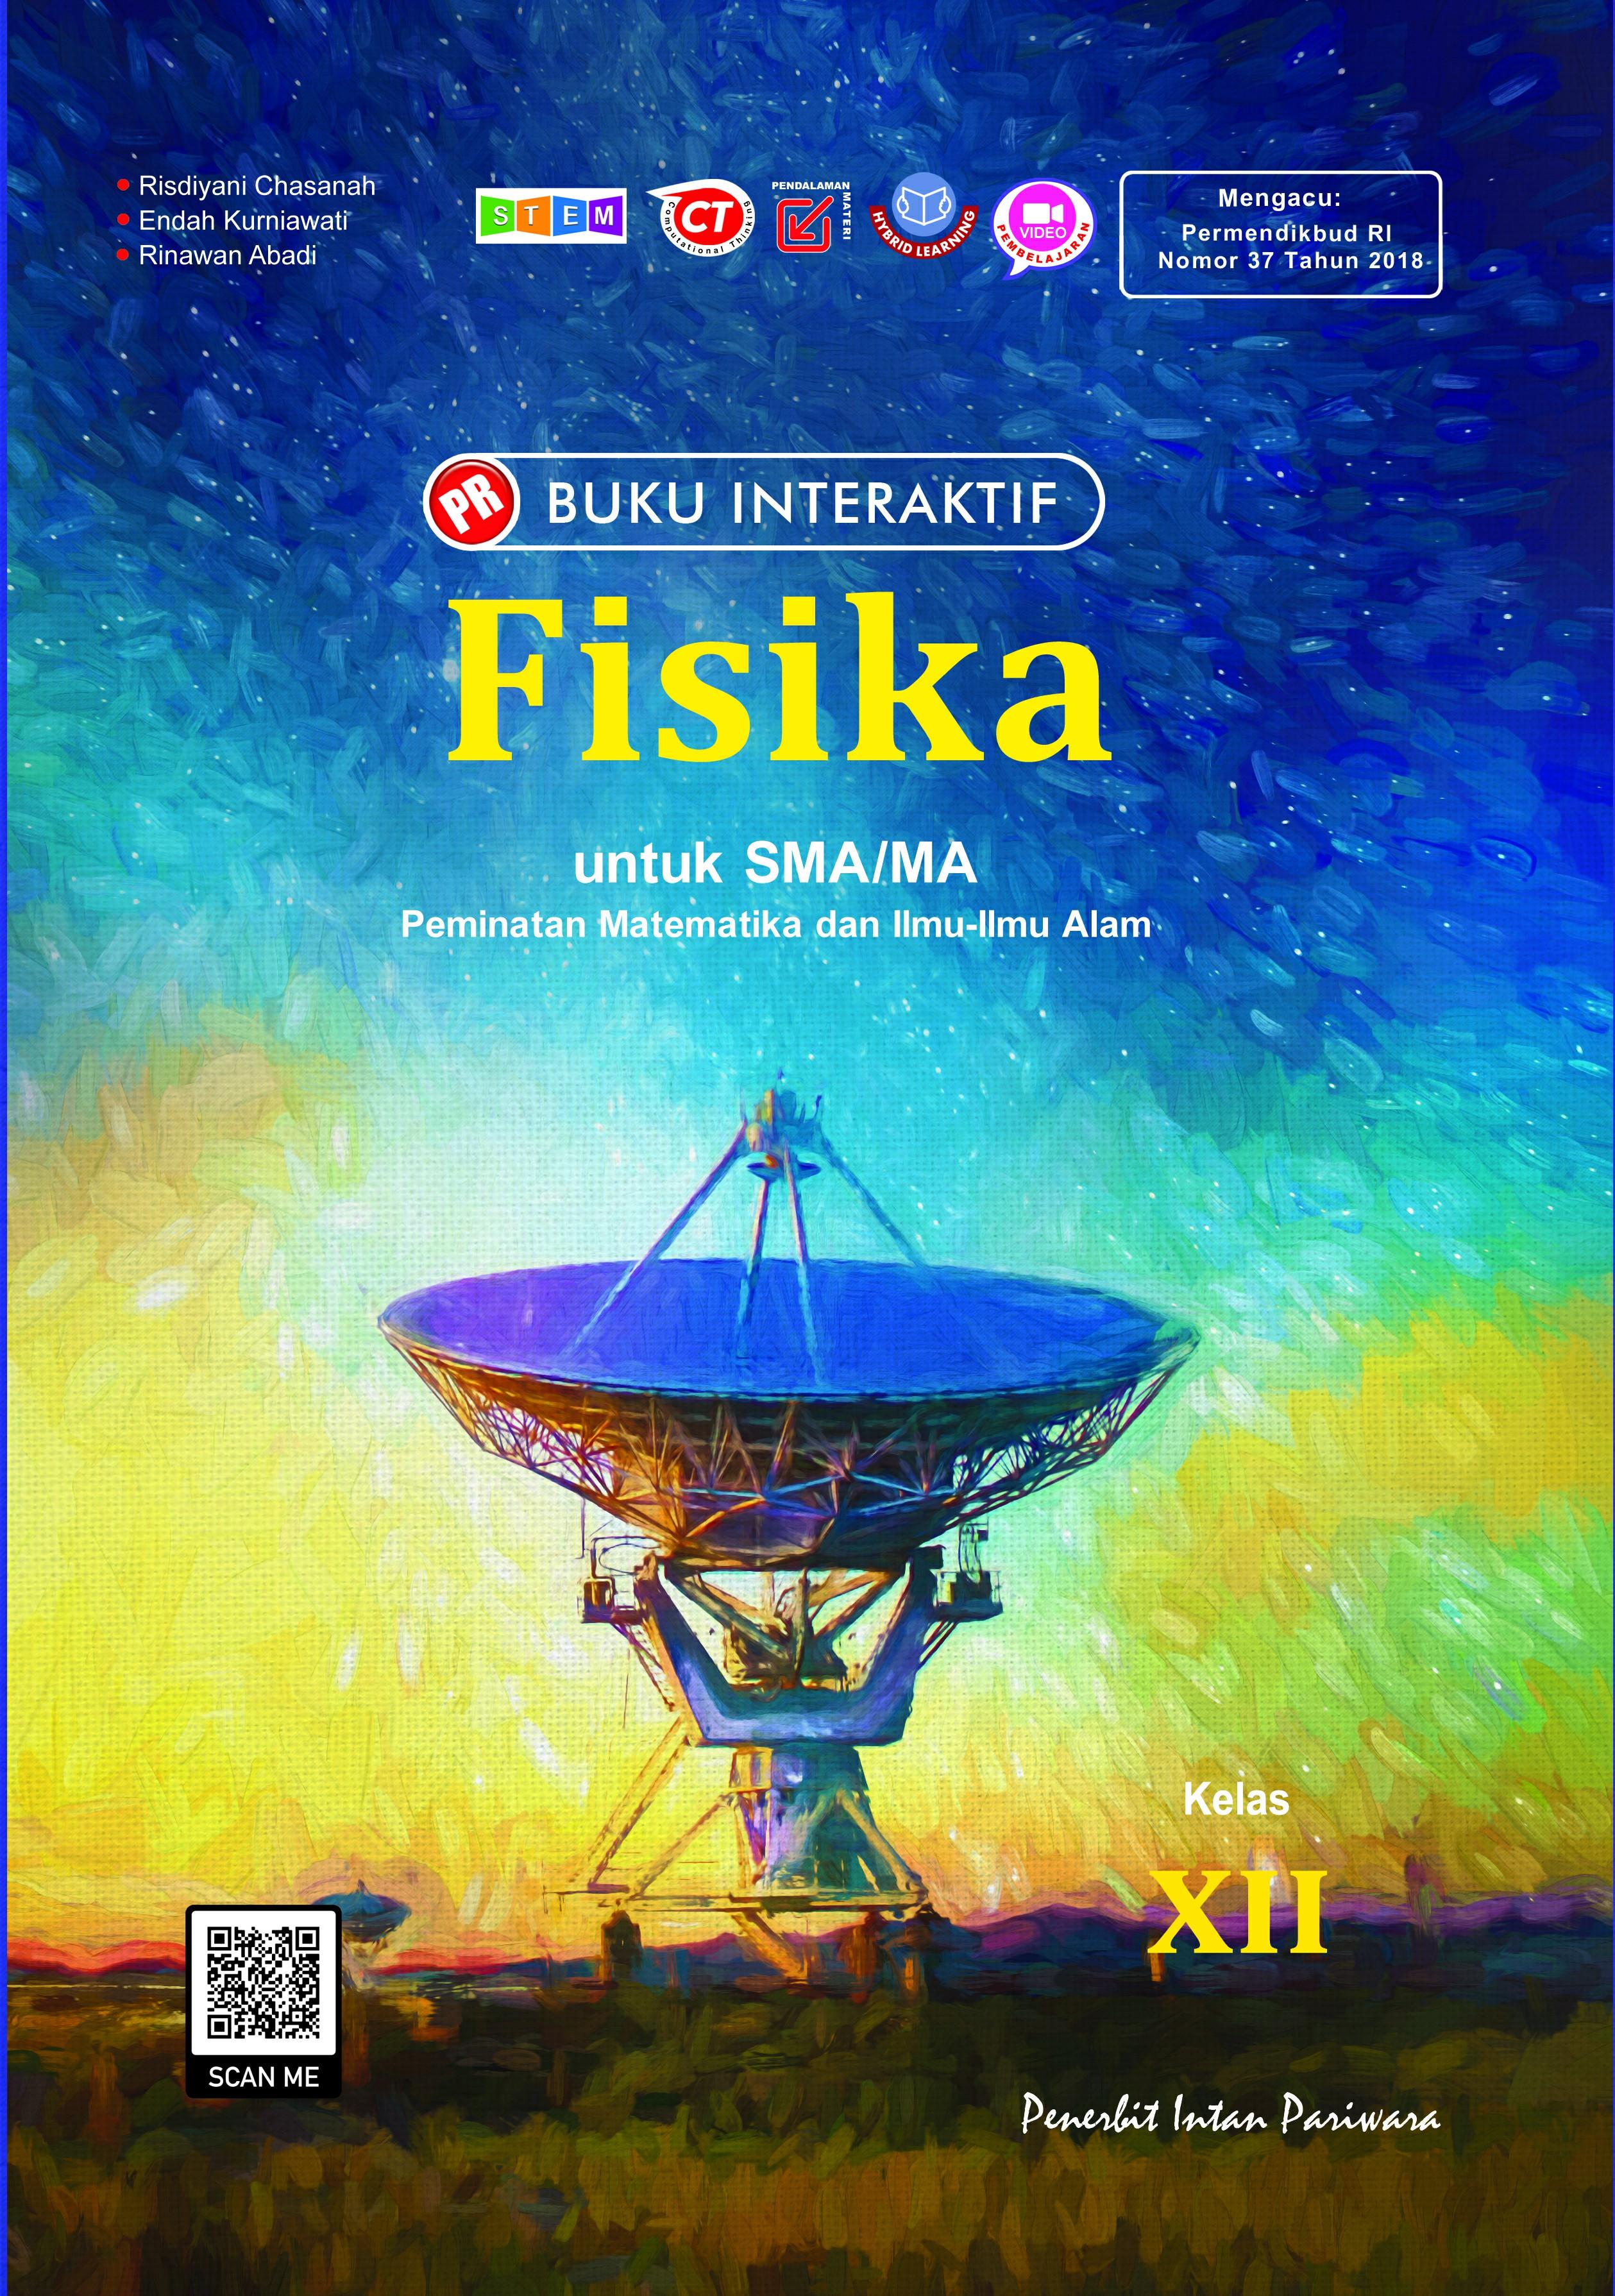 Buku Interaktif Fisika XII Tahunan